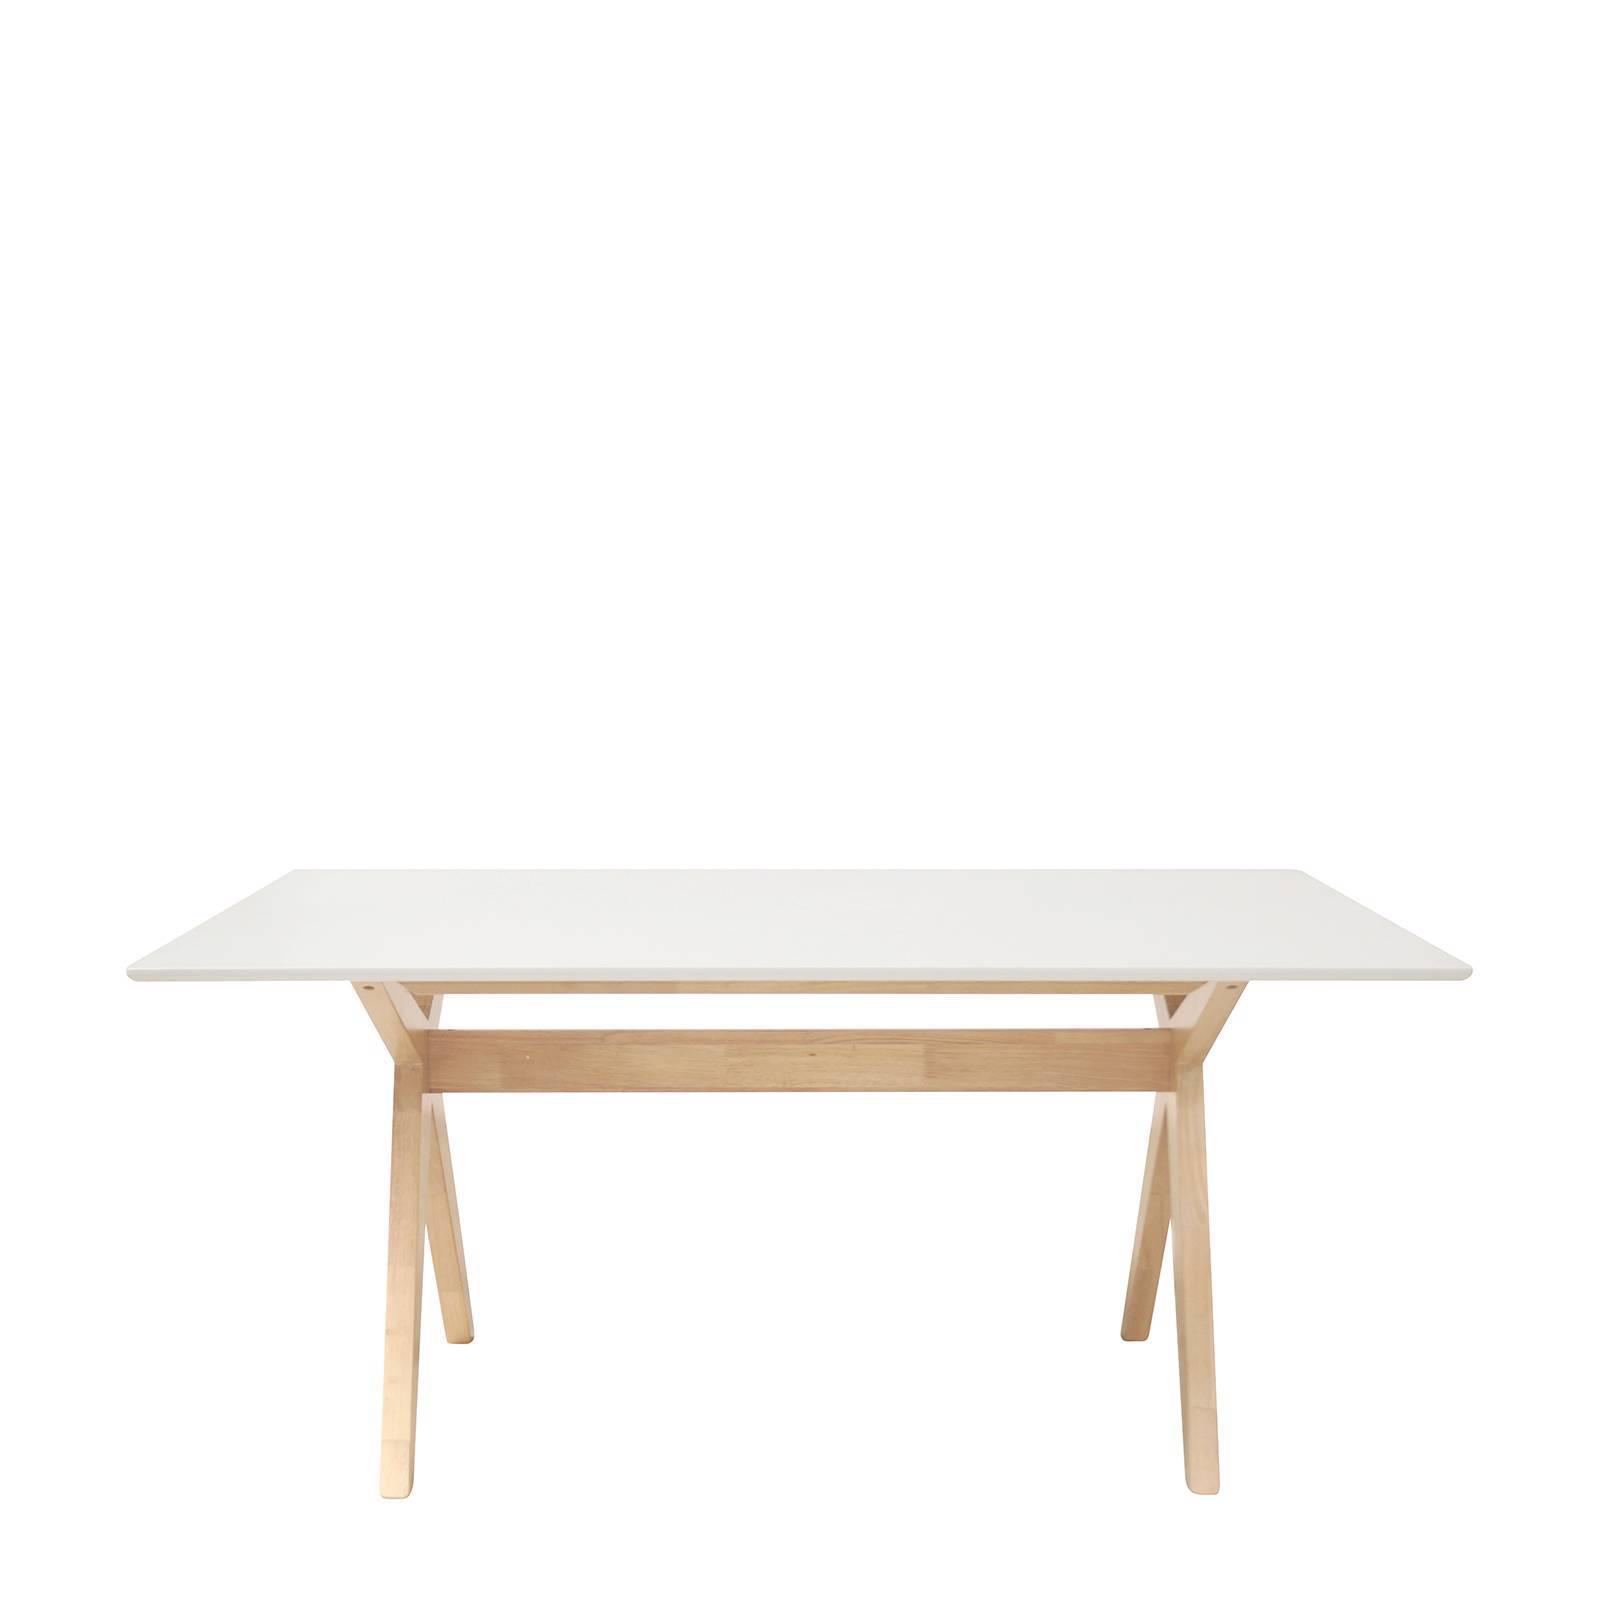 Witte Eettafel 160.Eettafel 160 Uitschuifbare Eettafel Vega 160 Tot 256 Cm Breed In